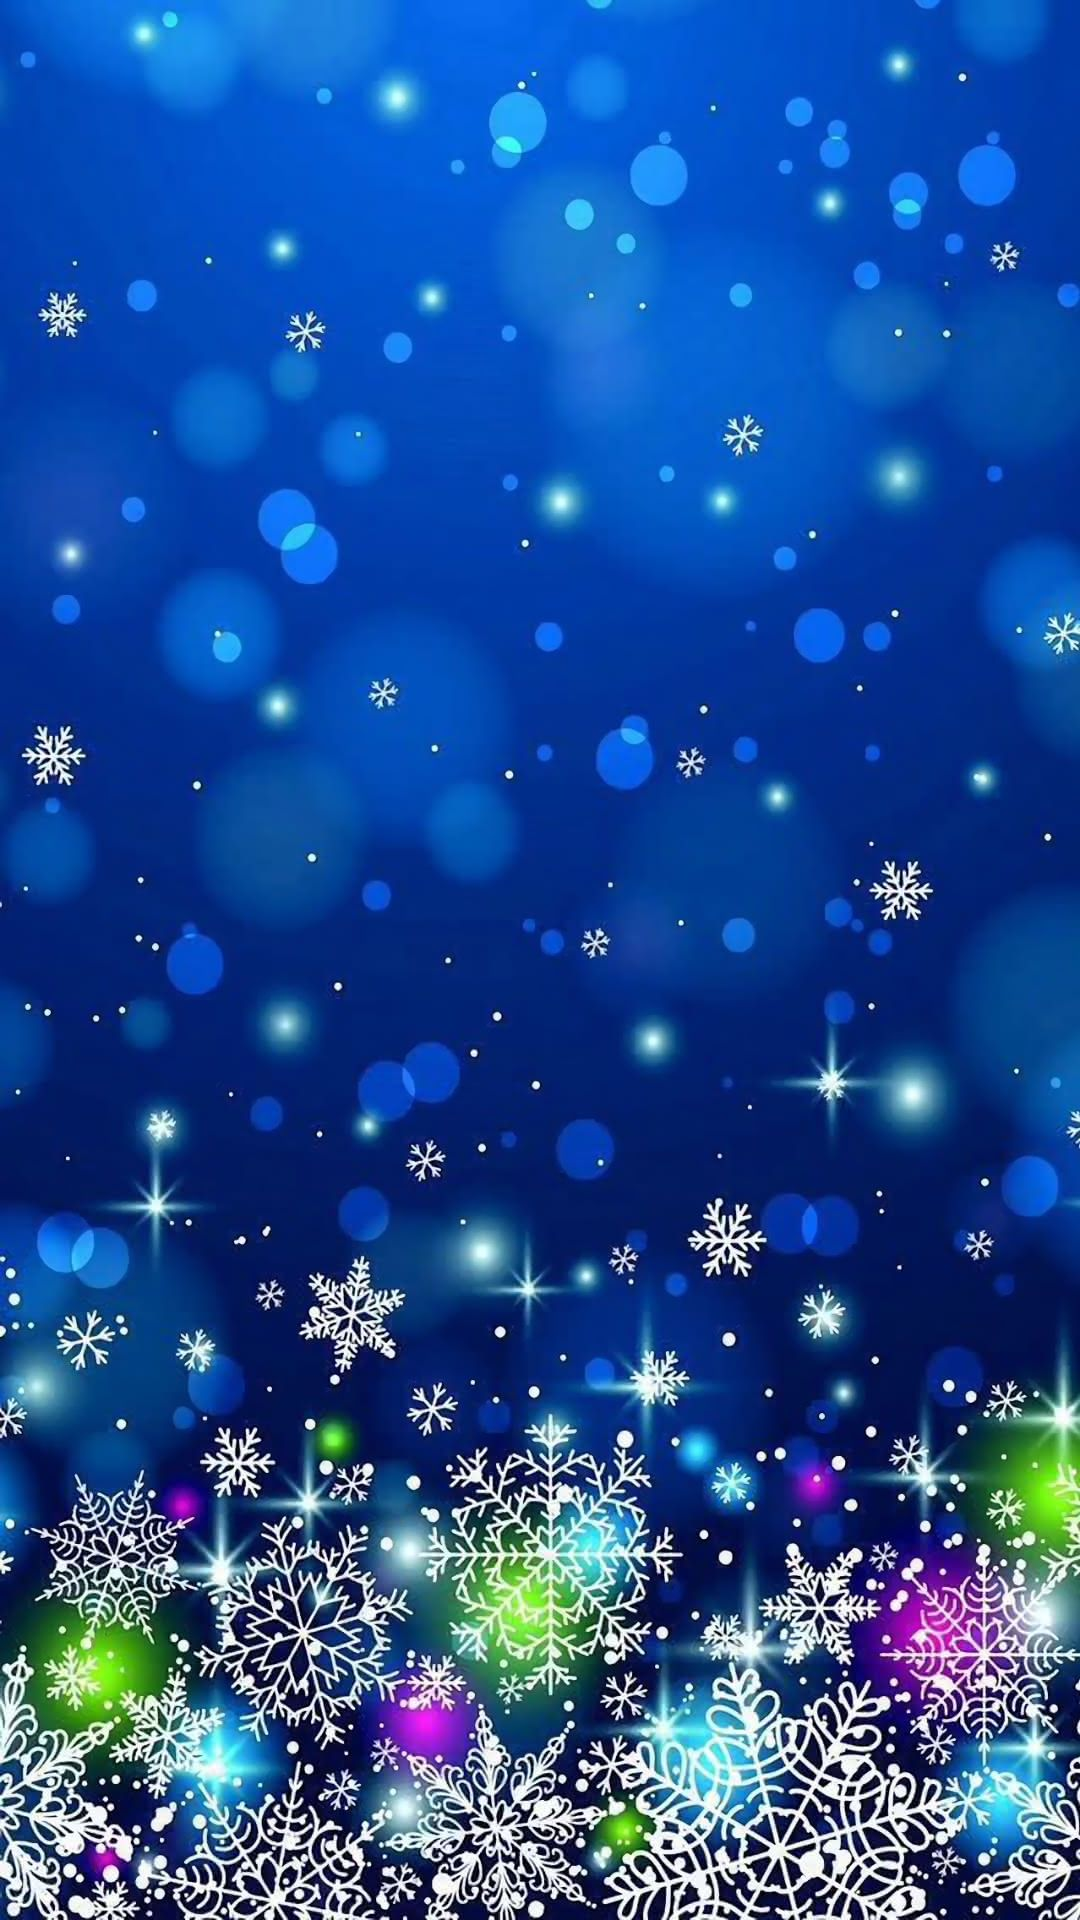 冬のキラキラ壁紙 ブルー 冬の壁紙 キラキラ 壁紙 壁紙